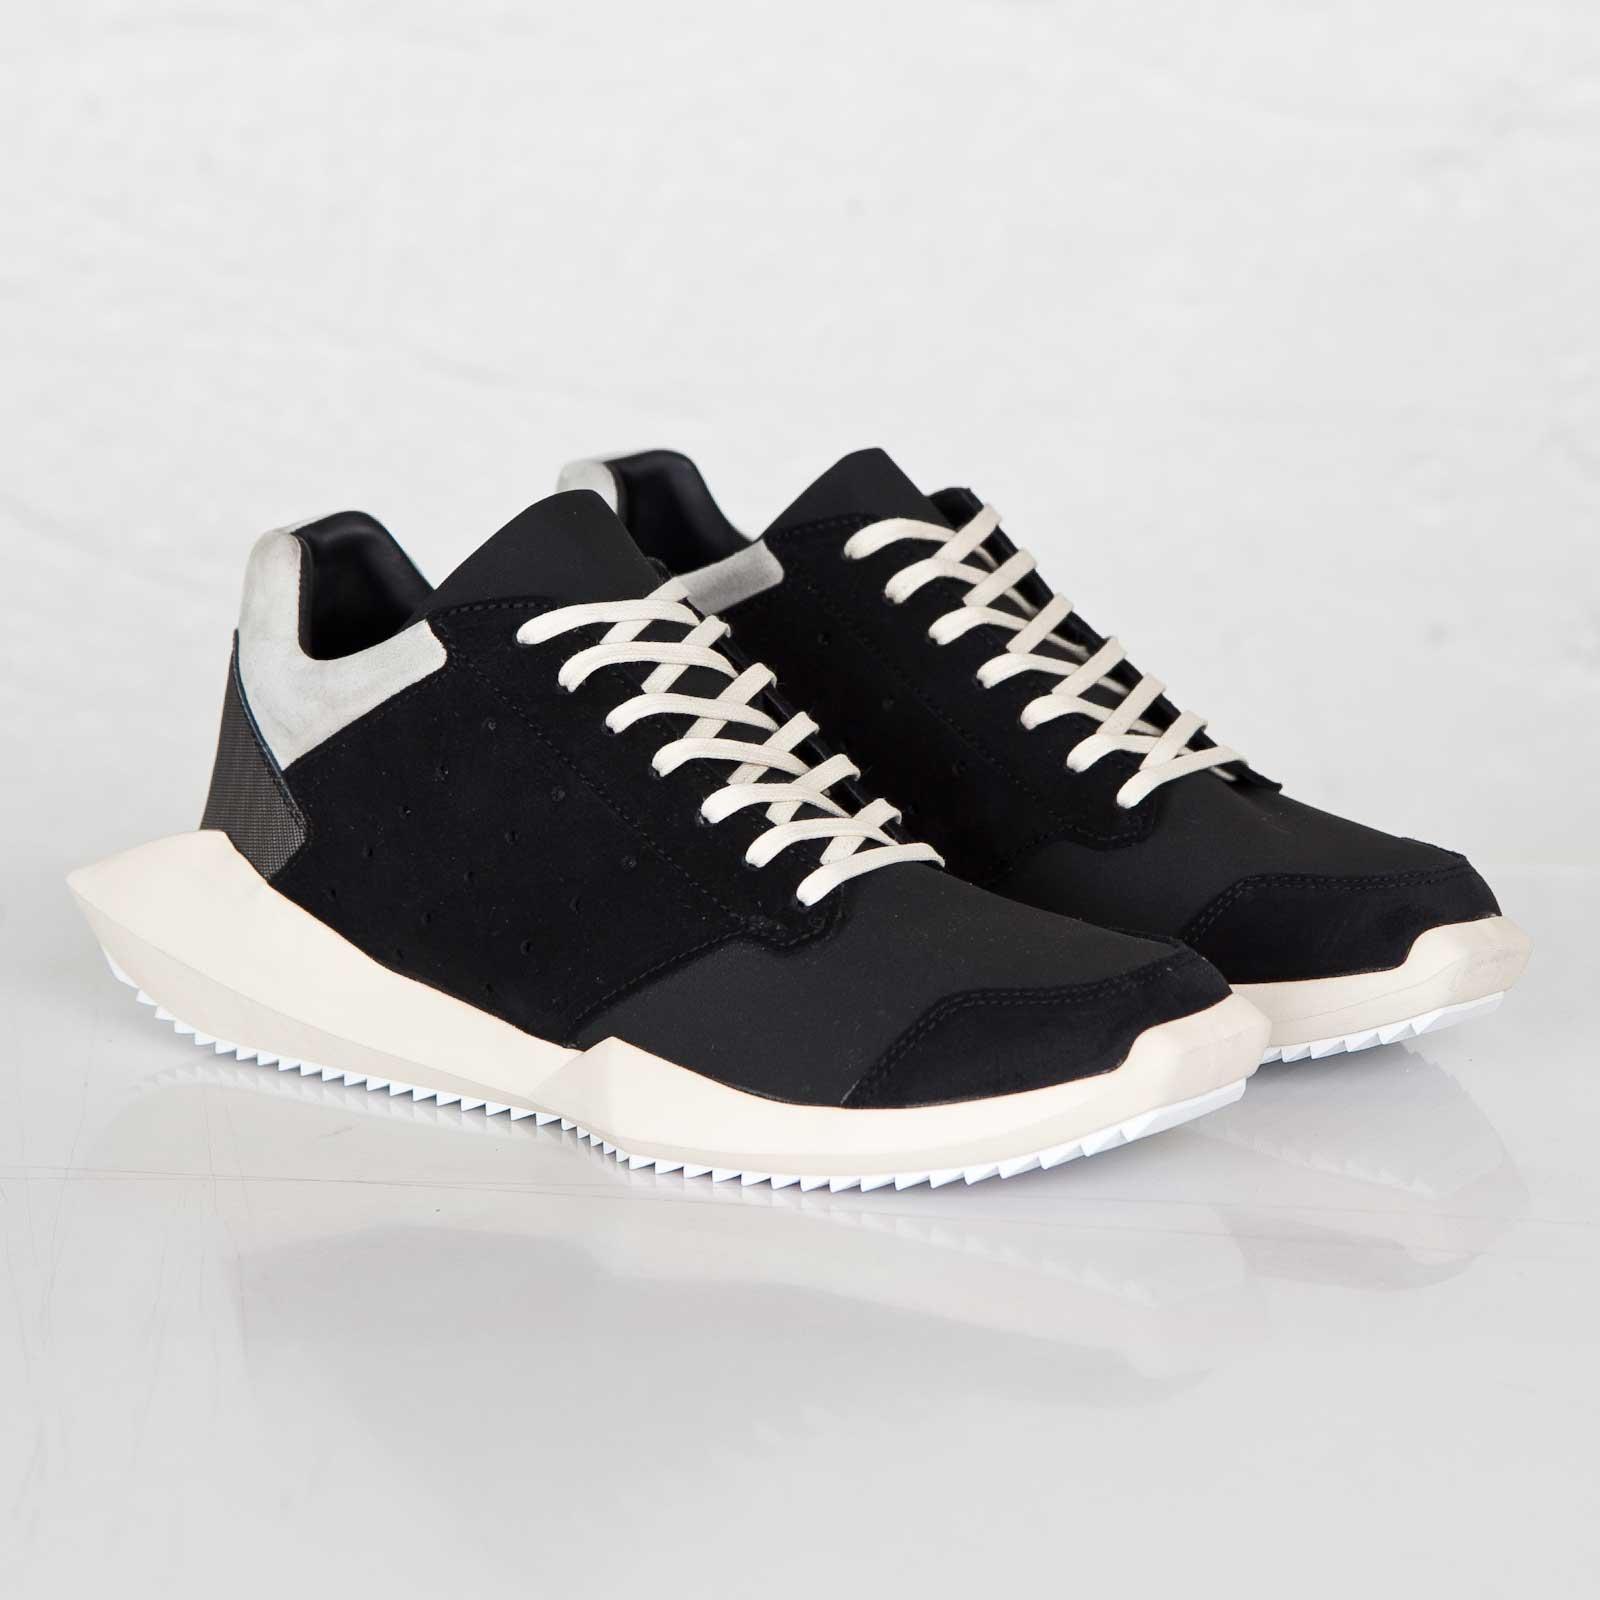 38d542c6713 adidas Rick Owens Tech Runner - B35082 - Sneakersnstuff